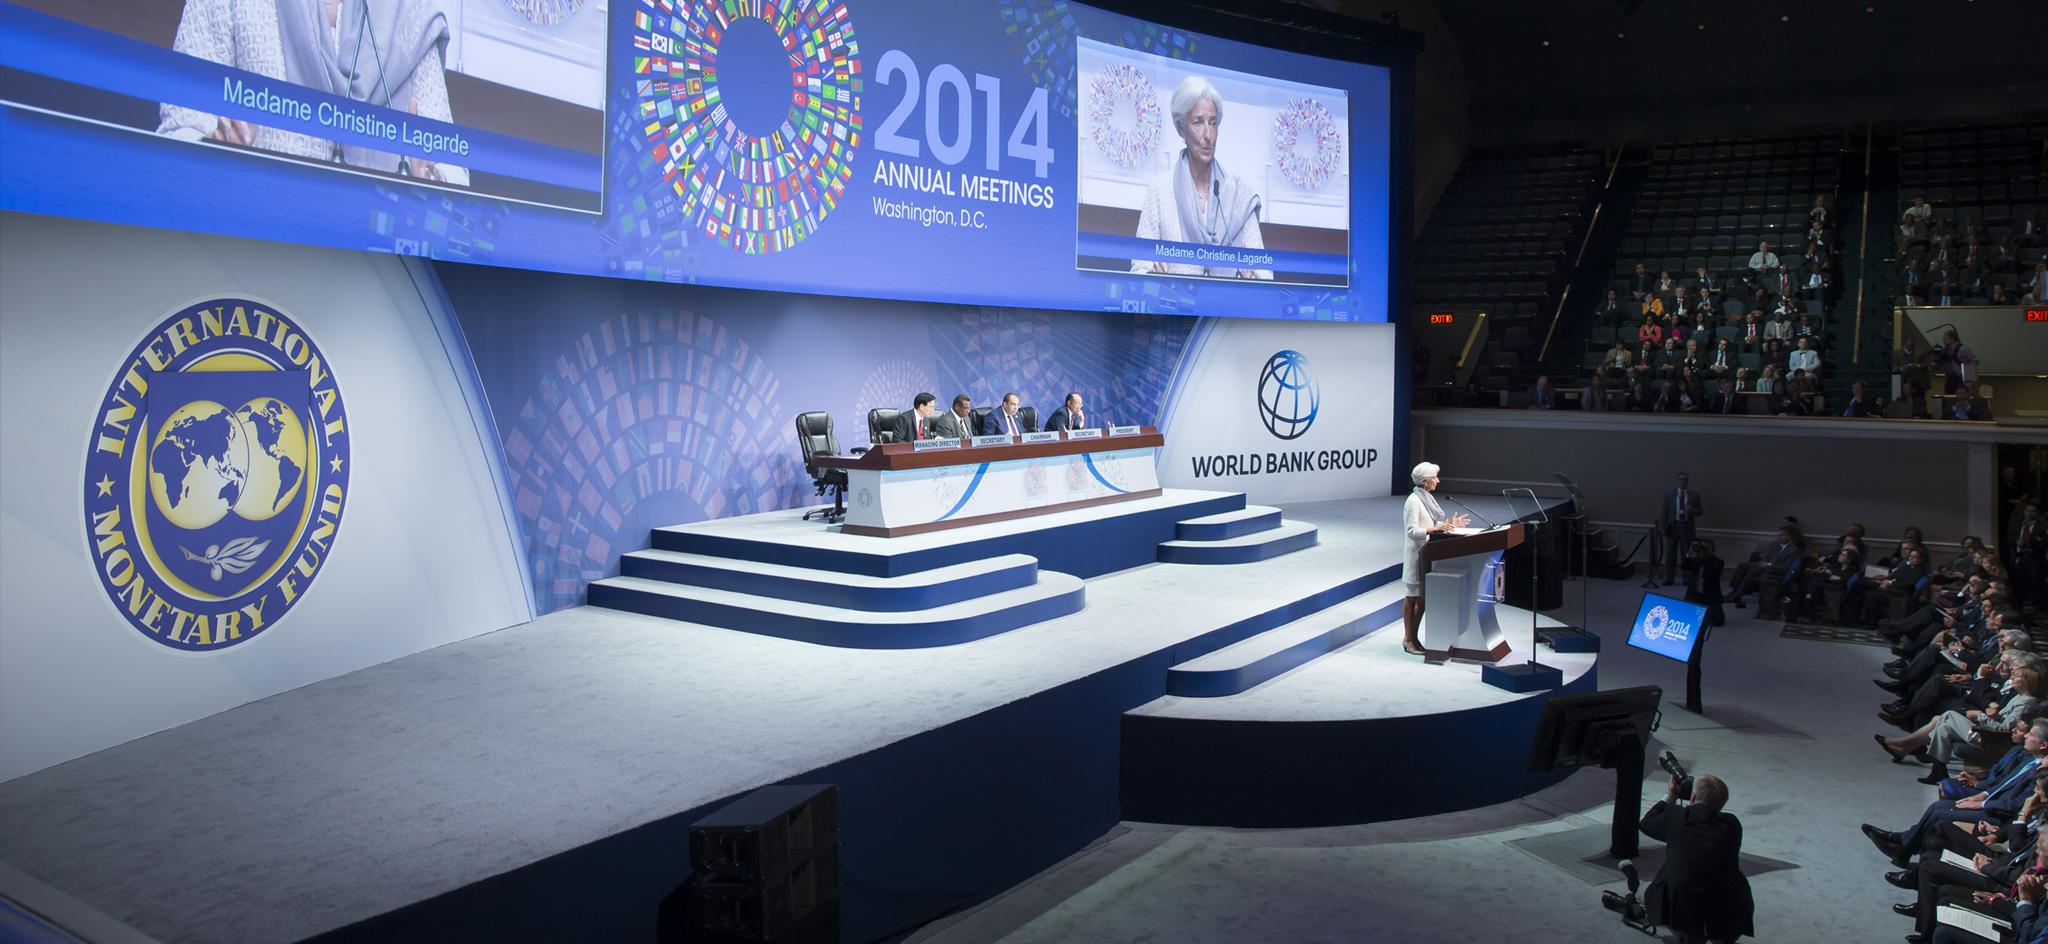 Le FMI a 70 ans : les décisions justes, hier, aujourd'hui et demain